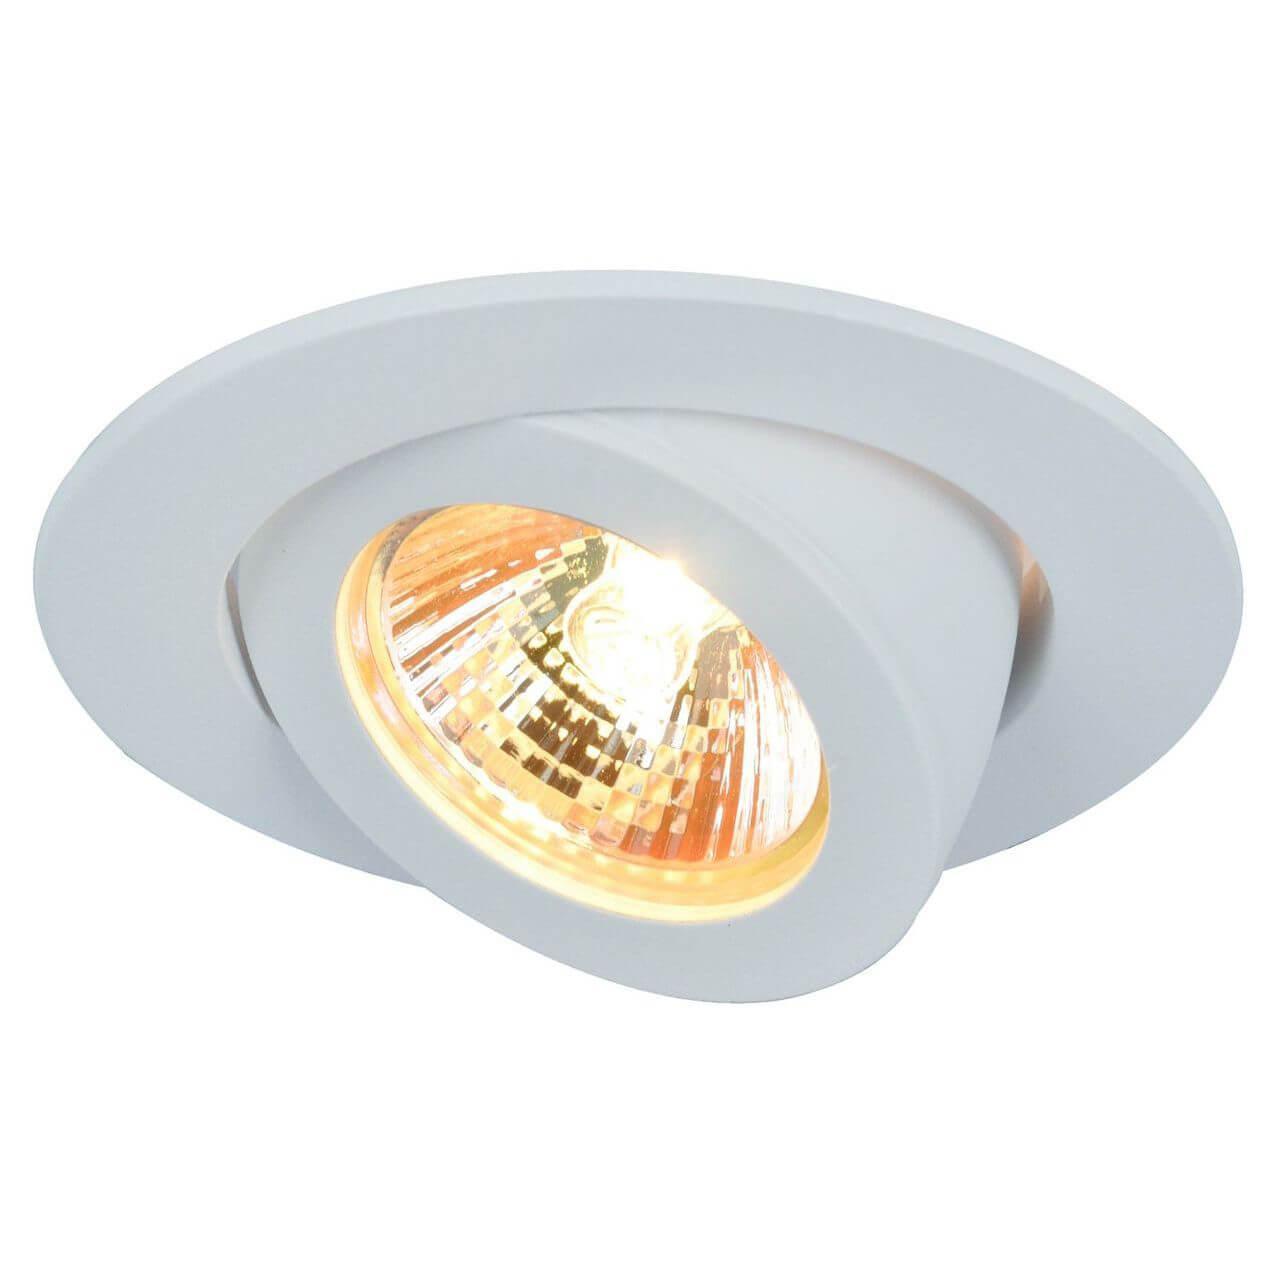 Встраиваемый светильник Arte Lamp A4009PL-1WH, белый встраиваемый светильник arte lamp accento a4009pl 1wh